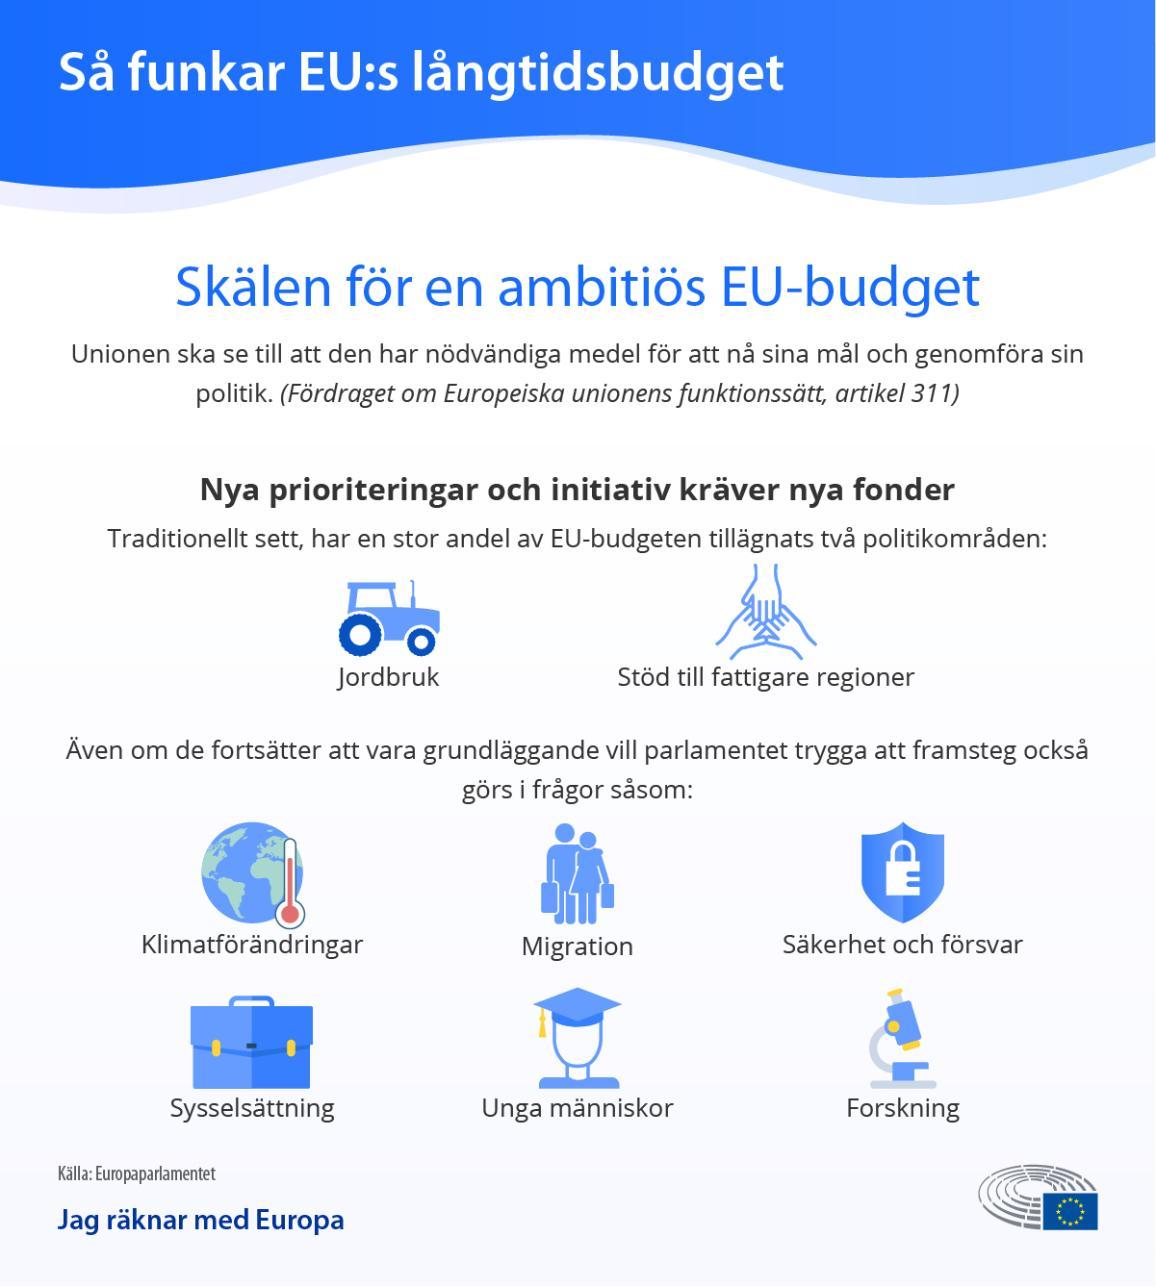 Grafik om skälen till att EU-budgeten ska vara ambitiös